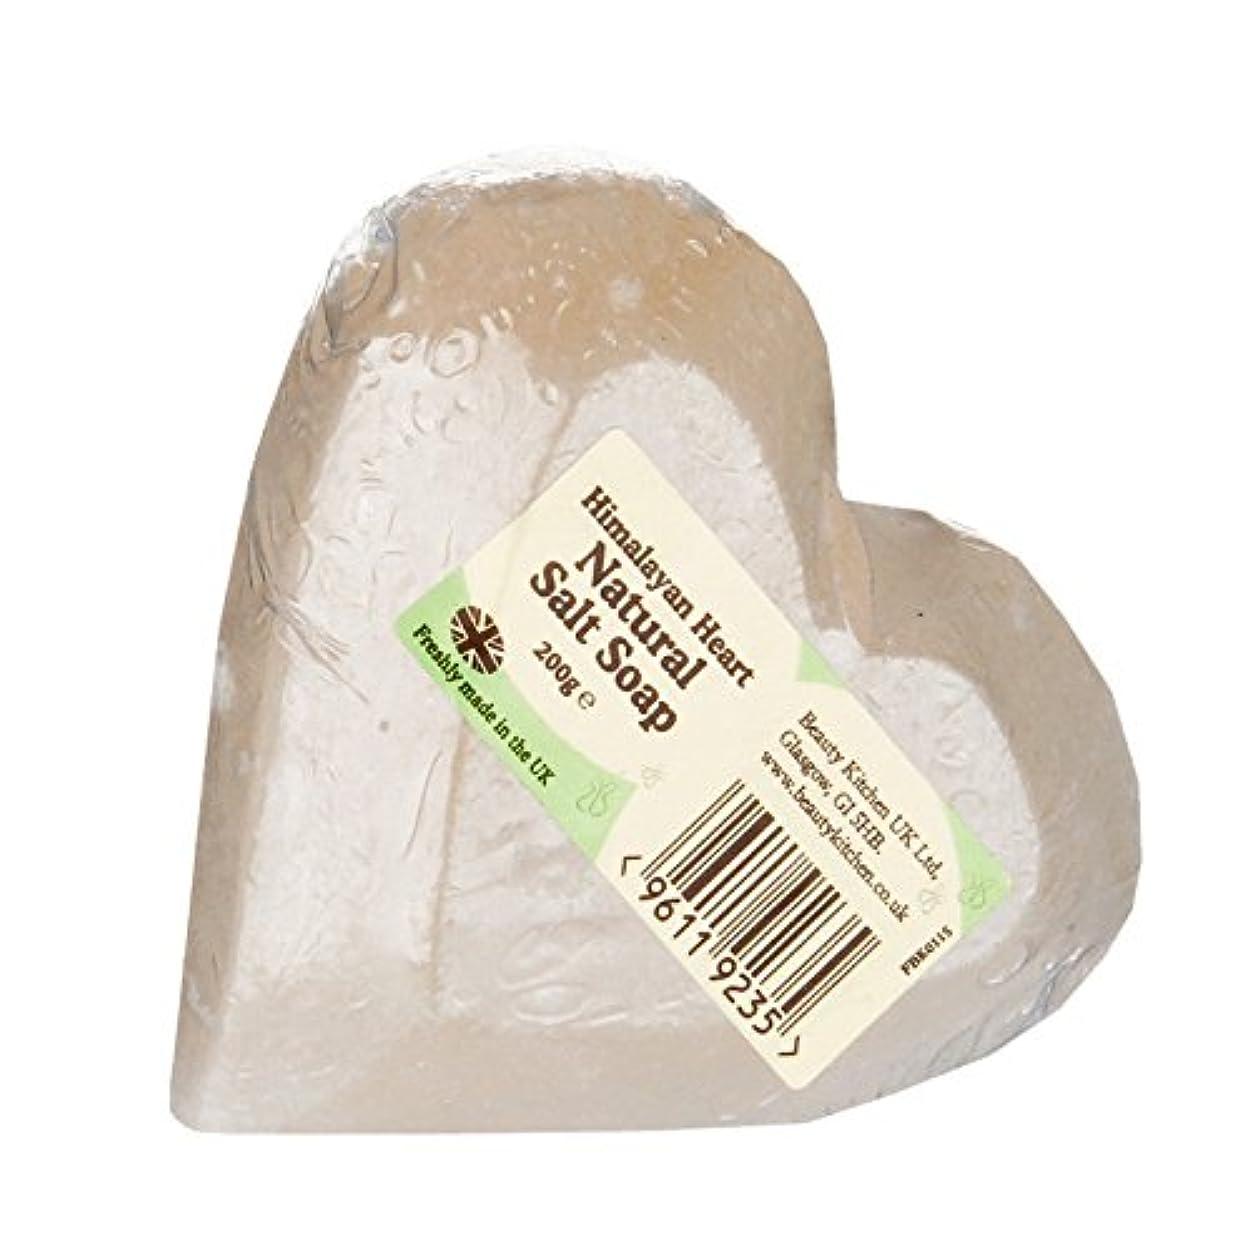 資金ストリップメディカル美容キッチンヒマラヤンハートソープ200グラム - Beauty Kitchen Himalayan Heart Soap 200g (Beauty Kitchen) [並行輸入品]